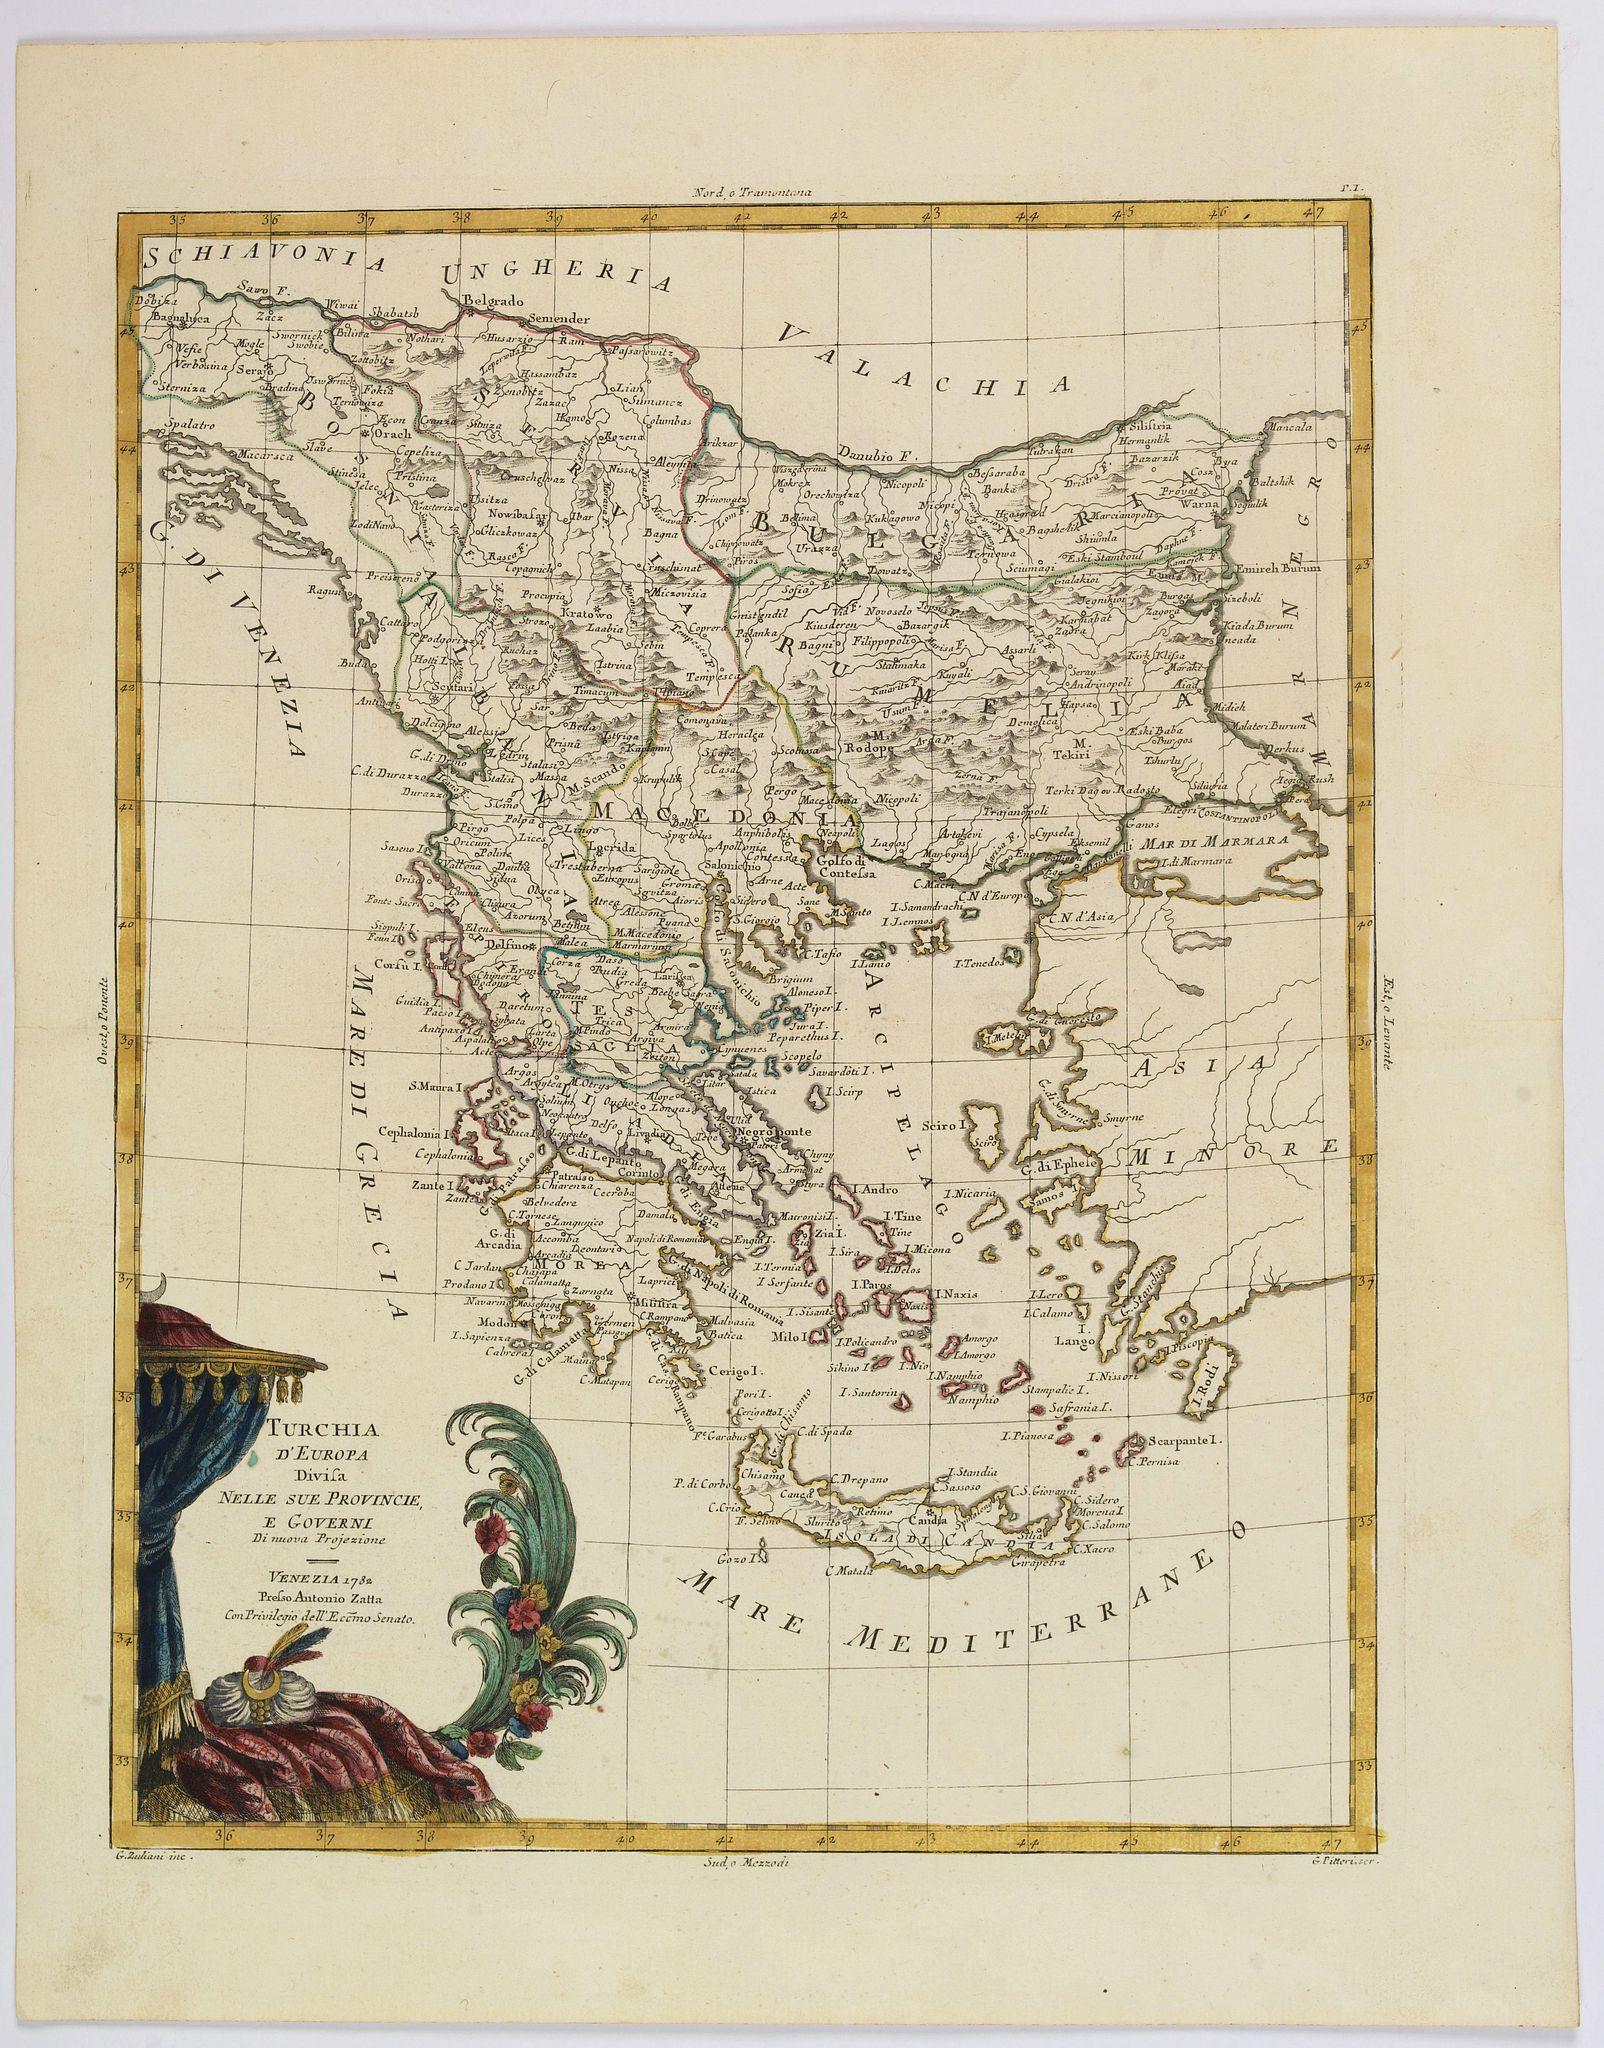 ZATTA, A. -  Turchia d'Europa divisa Nelle Sue Provincie, e Governi. . .